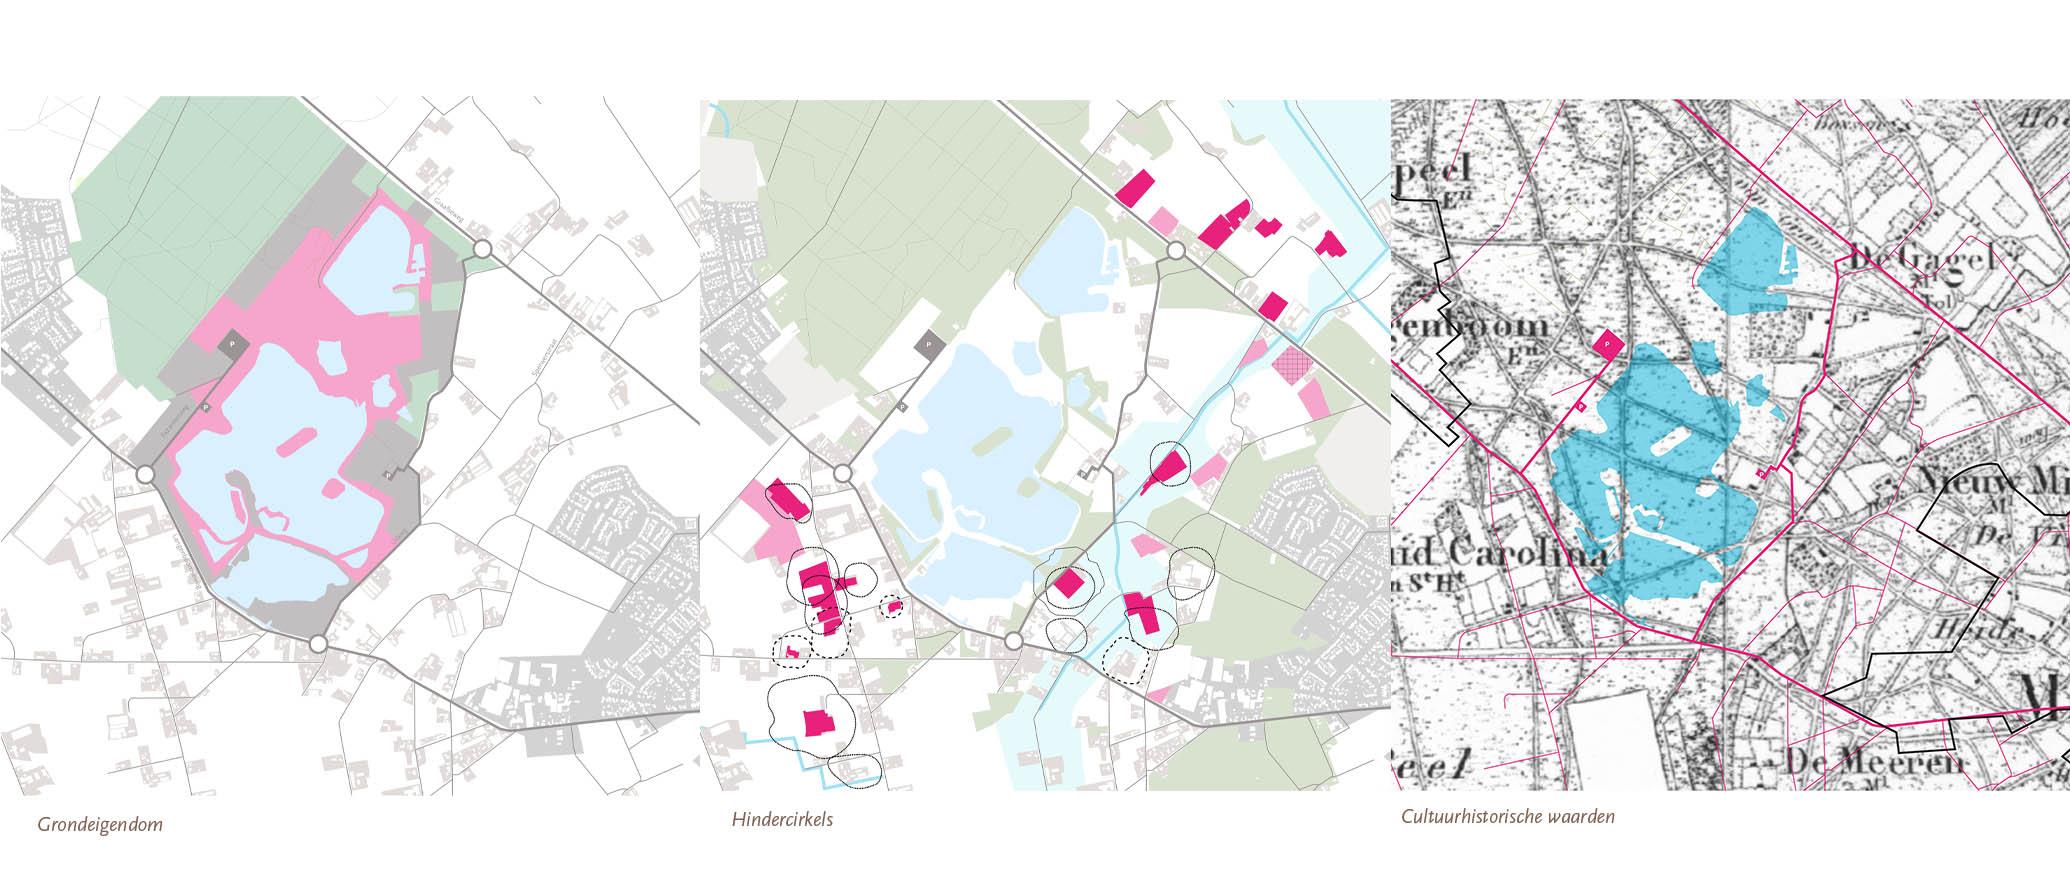 Gebiedsvisie De Kuilen Mill en St. Hubert